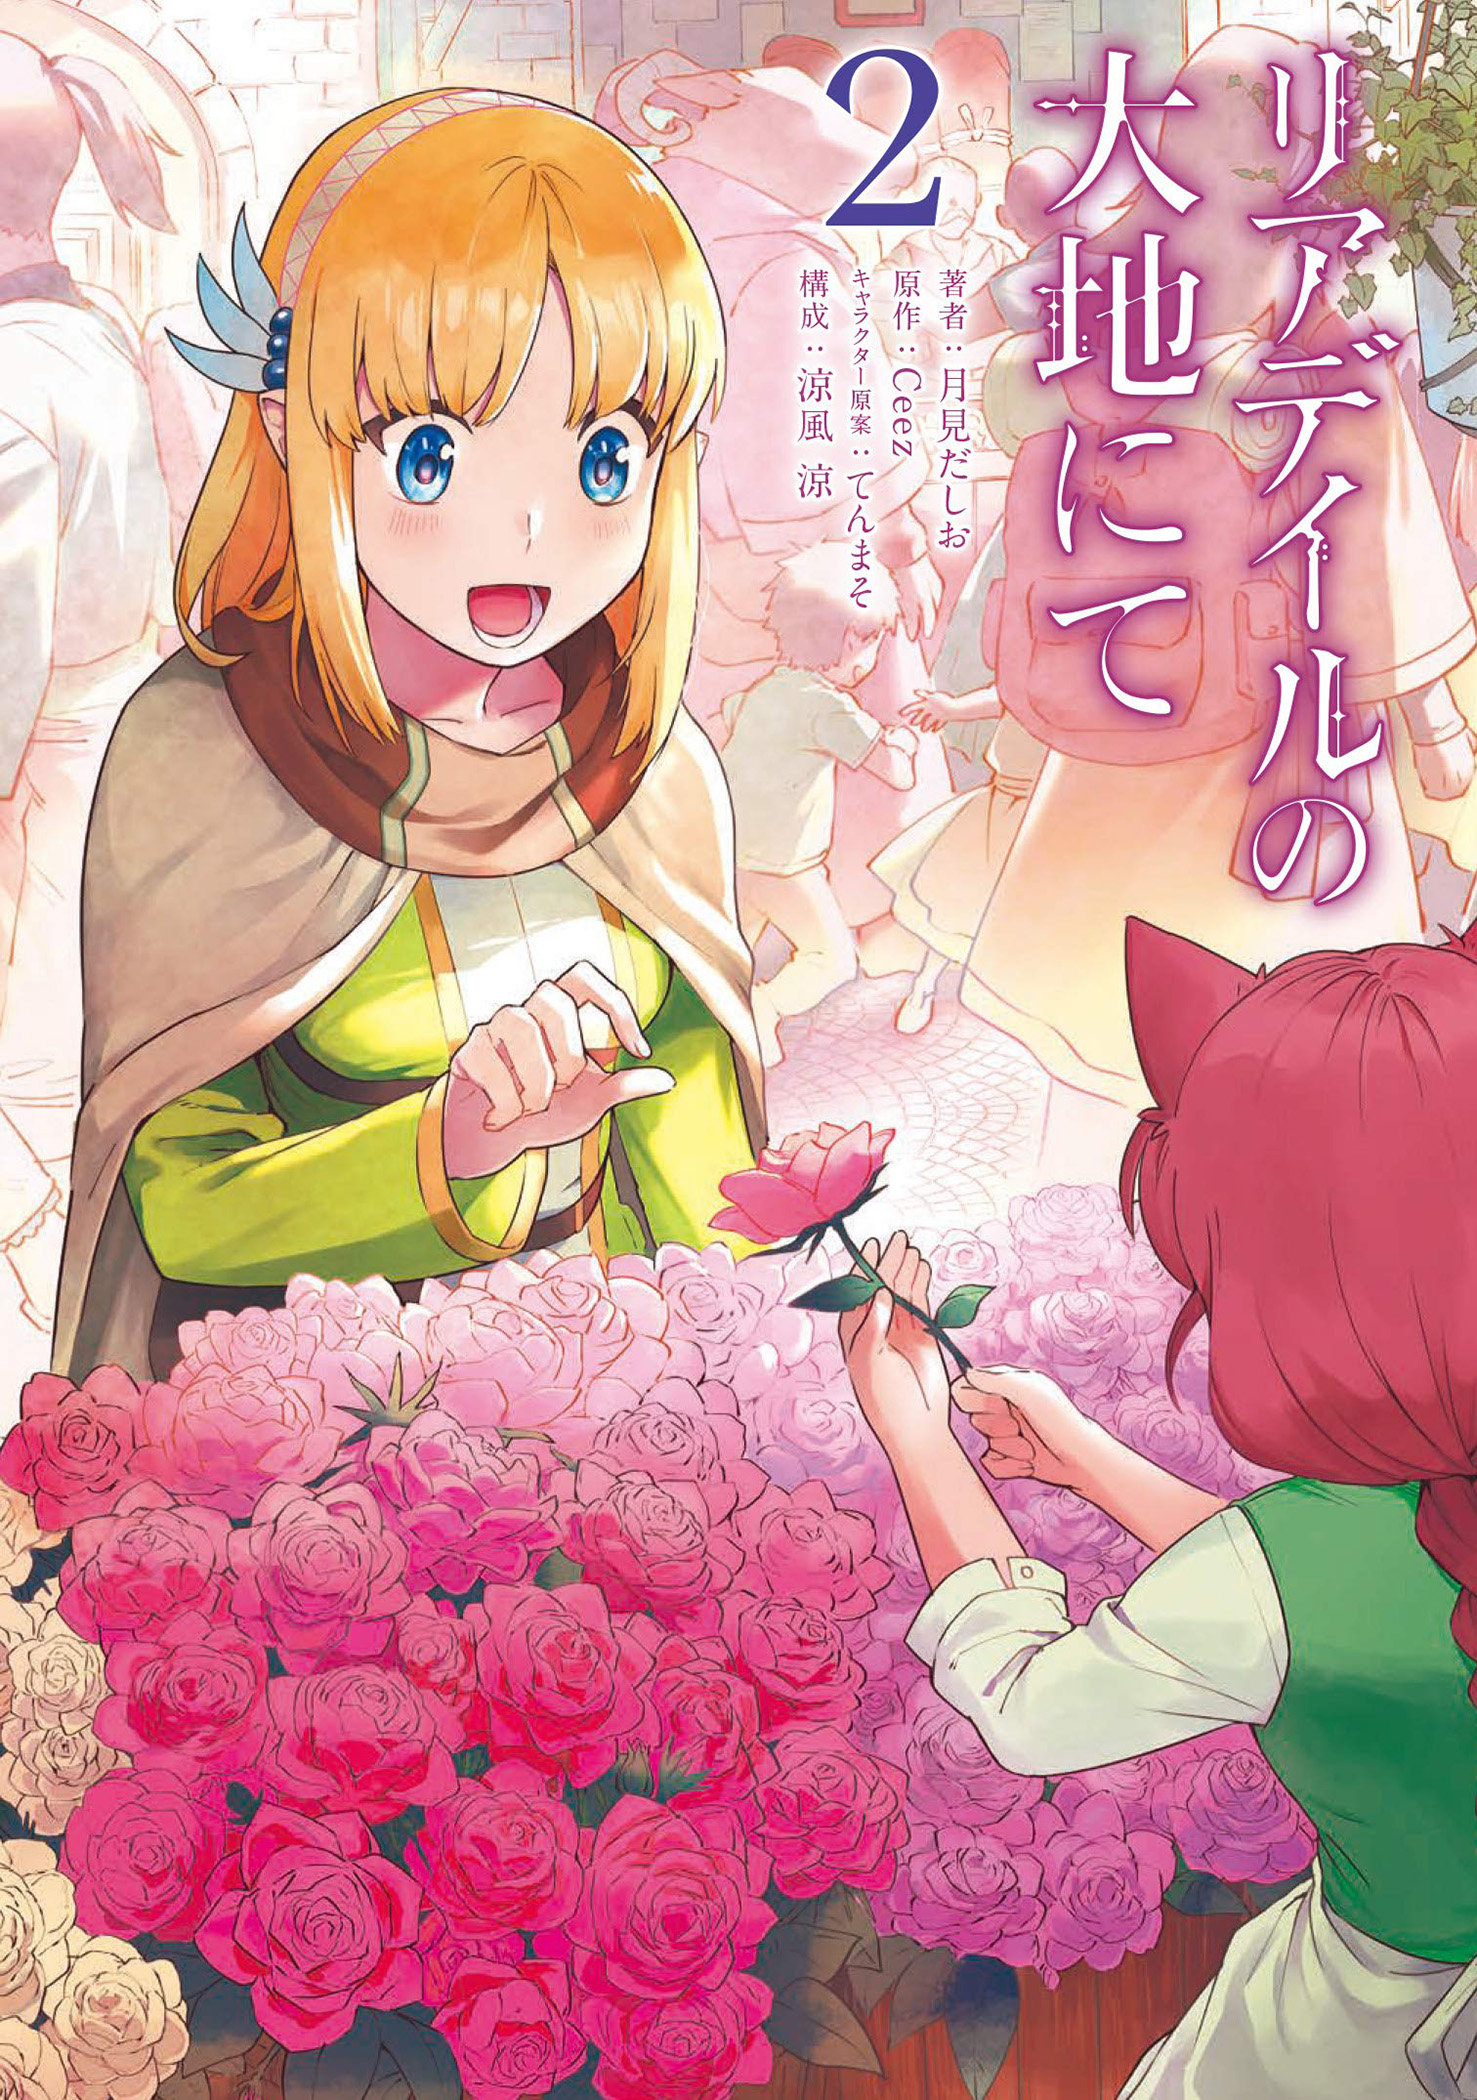 コミックス「リアデイルの大地にて」2巻書影